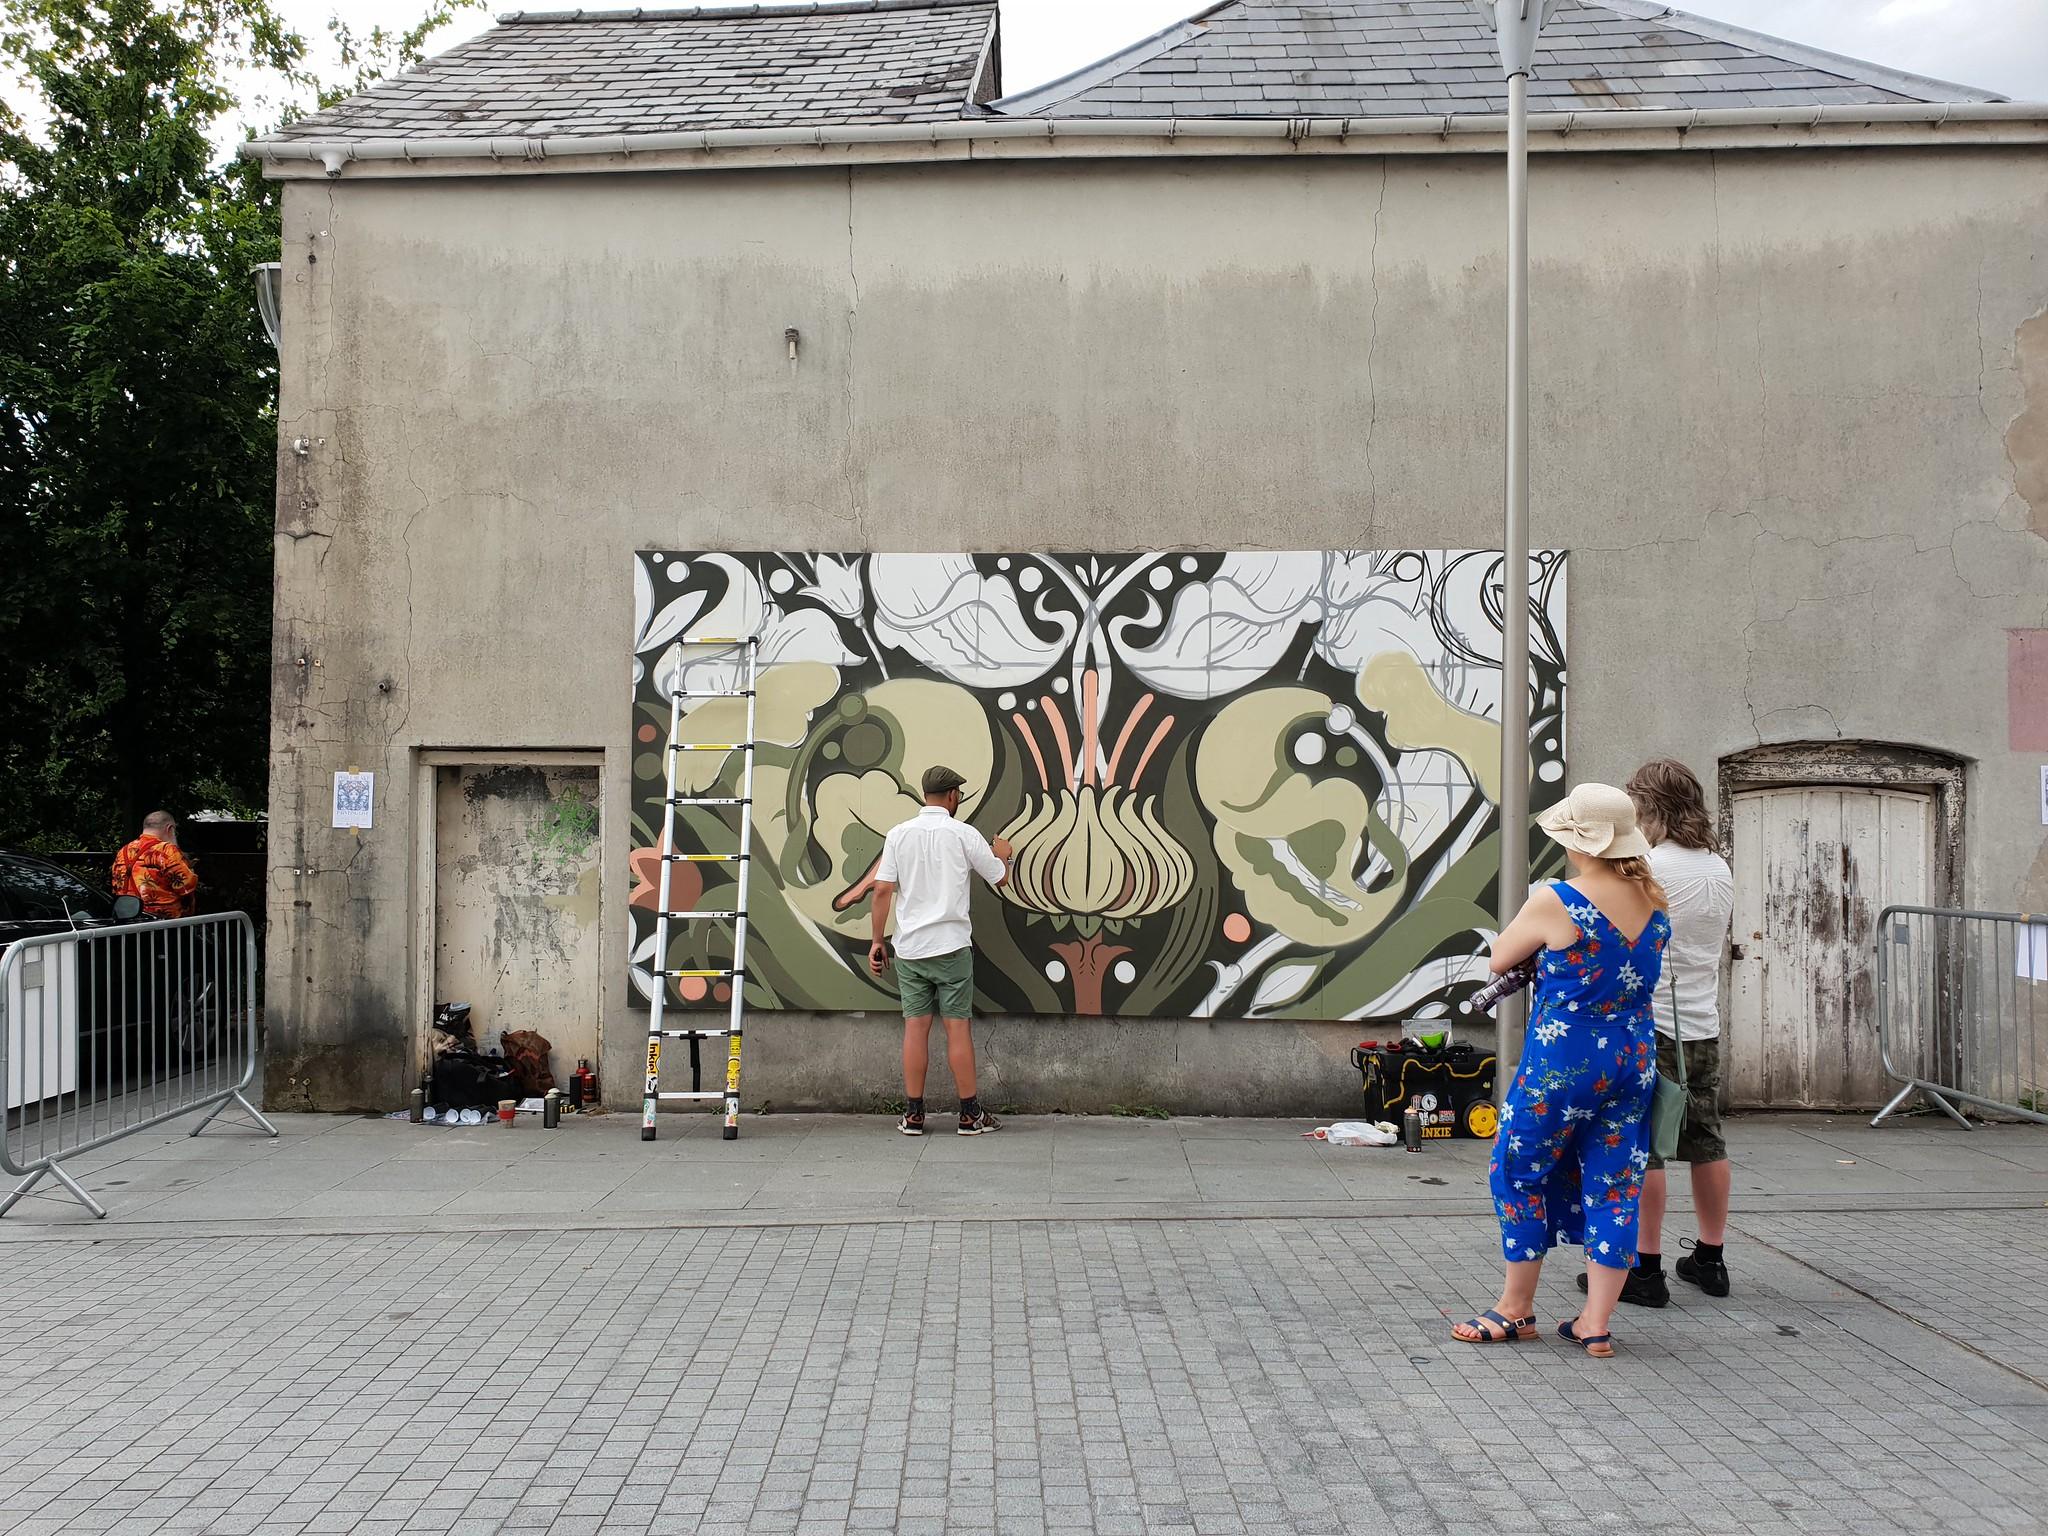 Abergavenny Arts Festival 2019